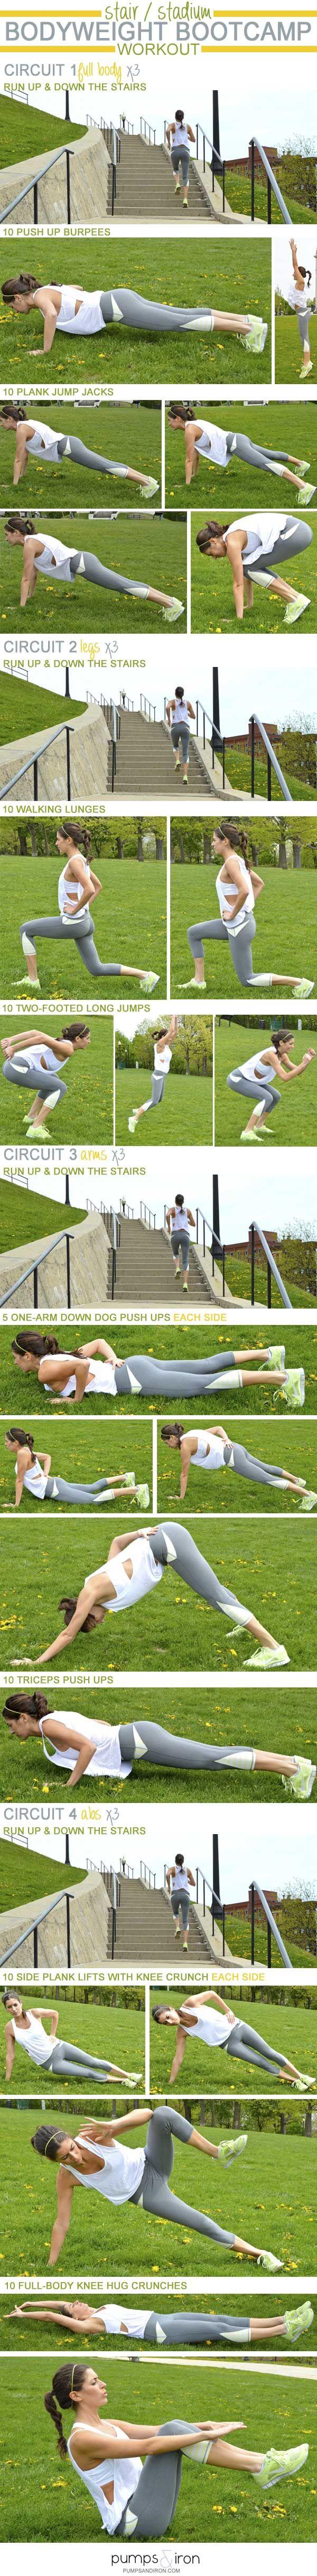 Stair/Stadium Bodyweight Bootcamp Workout